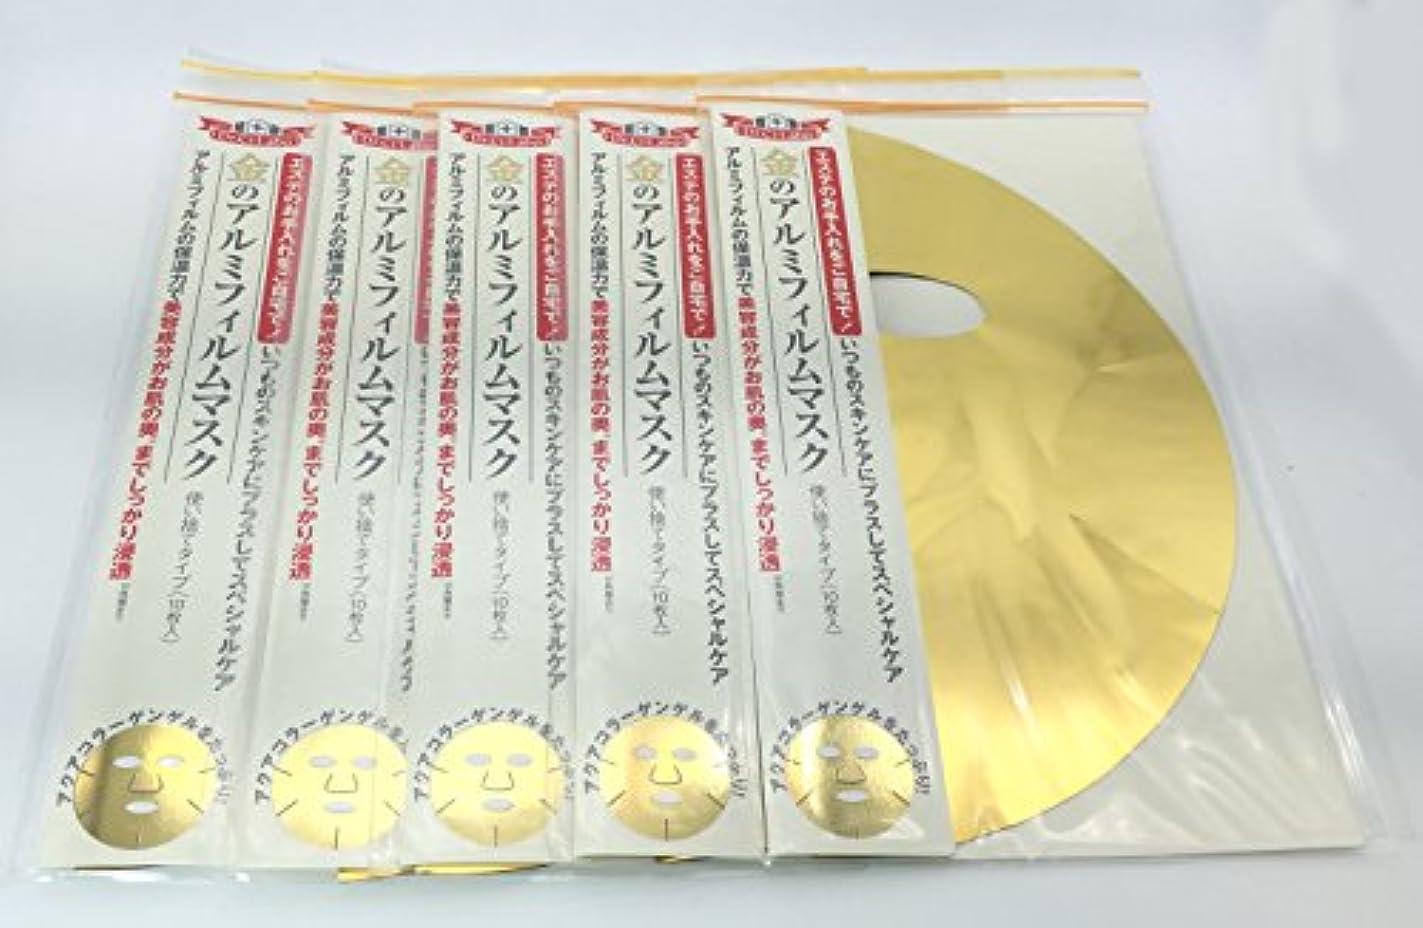 したがってアルプスフレアドクターシーラボ 金のアルミフィルムマスク 使い捨てタイプ10枚入 5個セット(合計50枚)